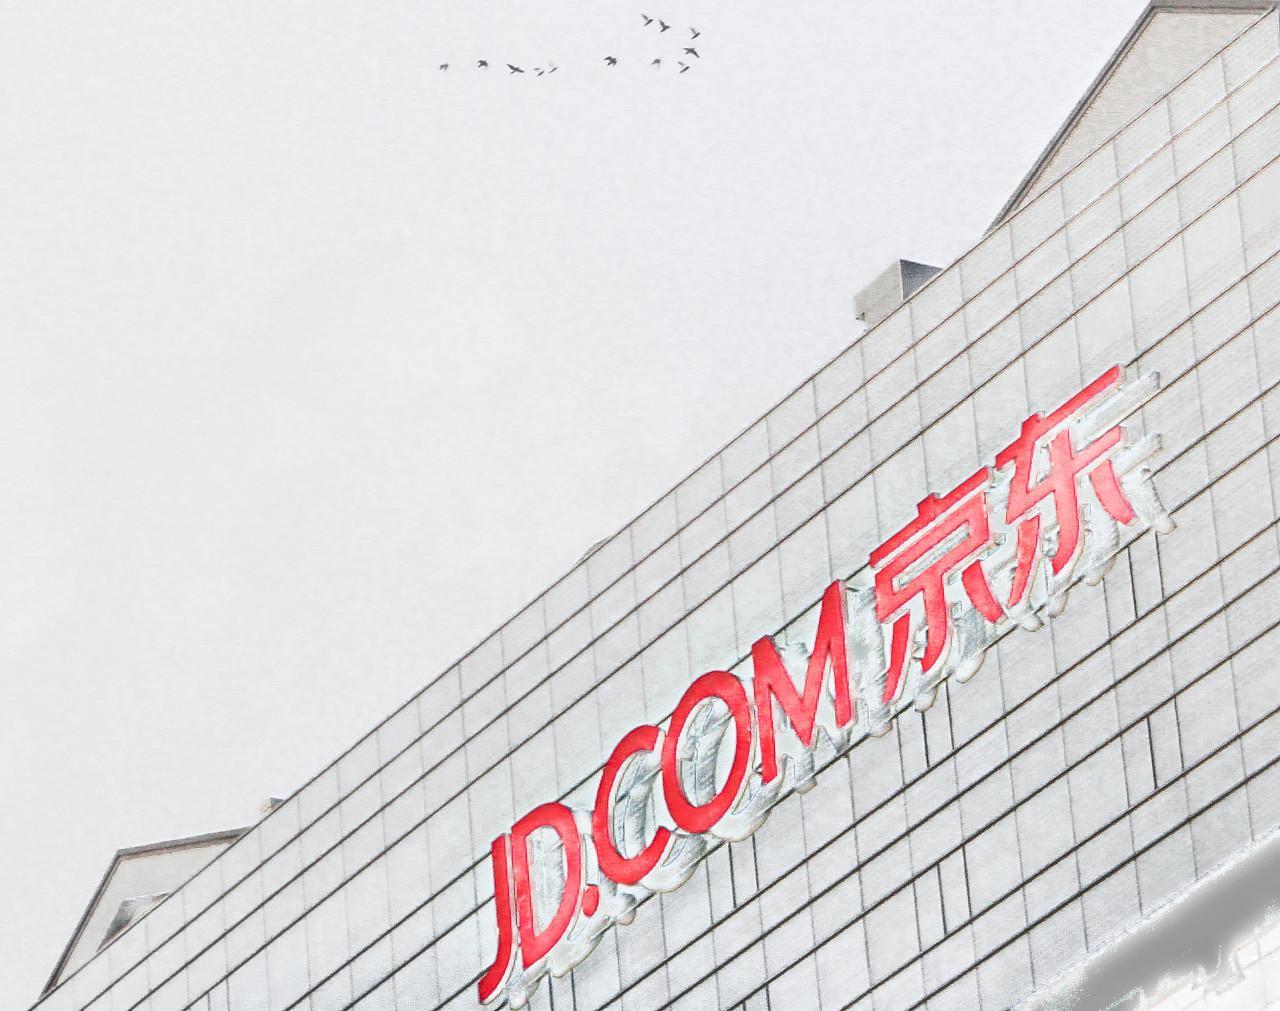 京东二季度业绩暴涨644%,创历史新高!性侵案后刘强东终于开腔讲话